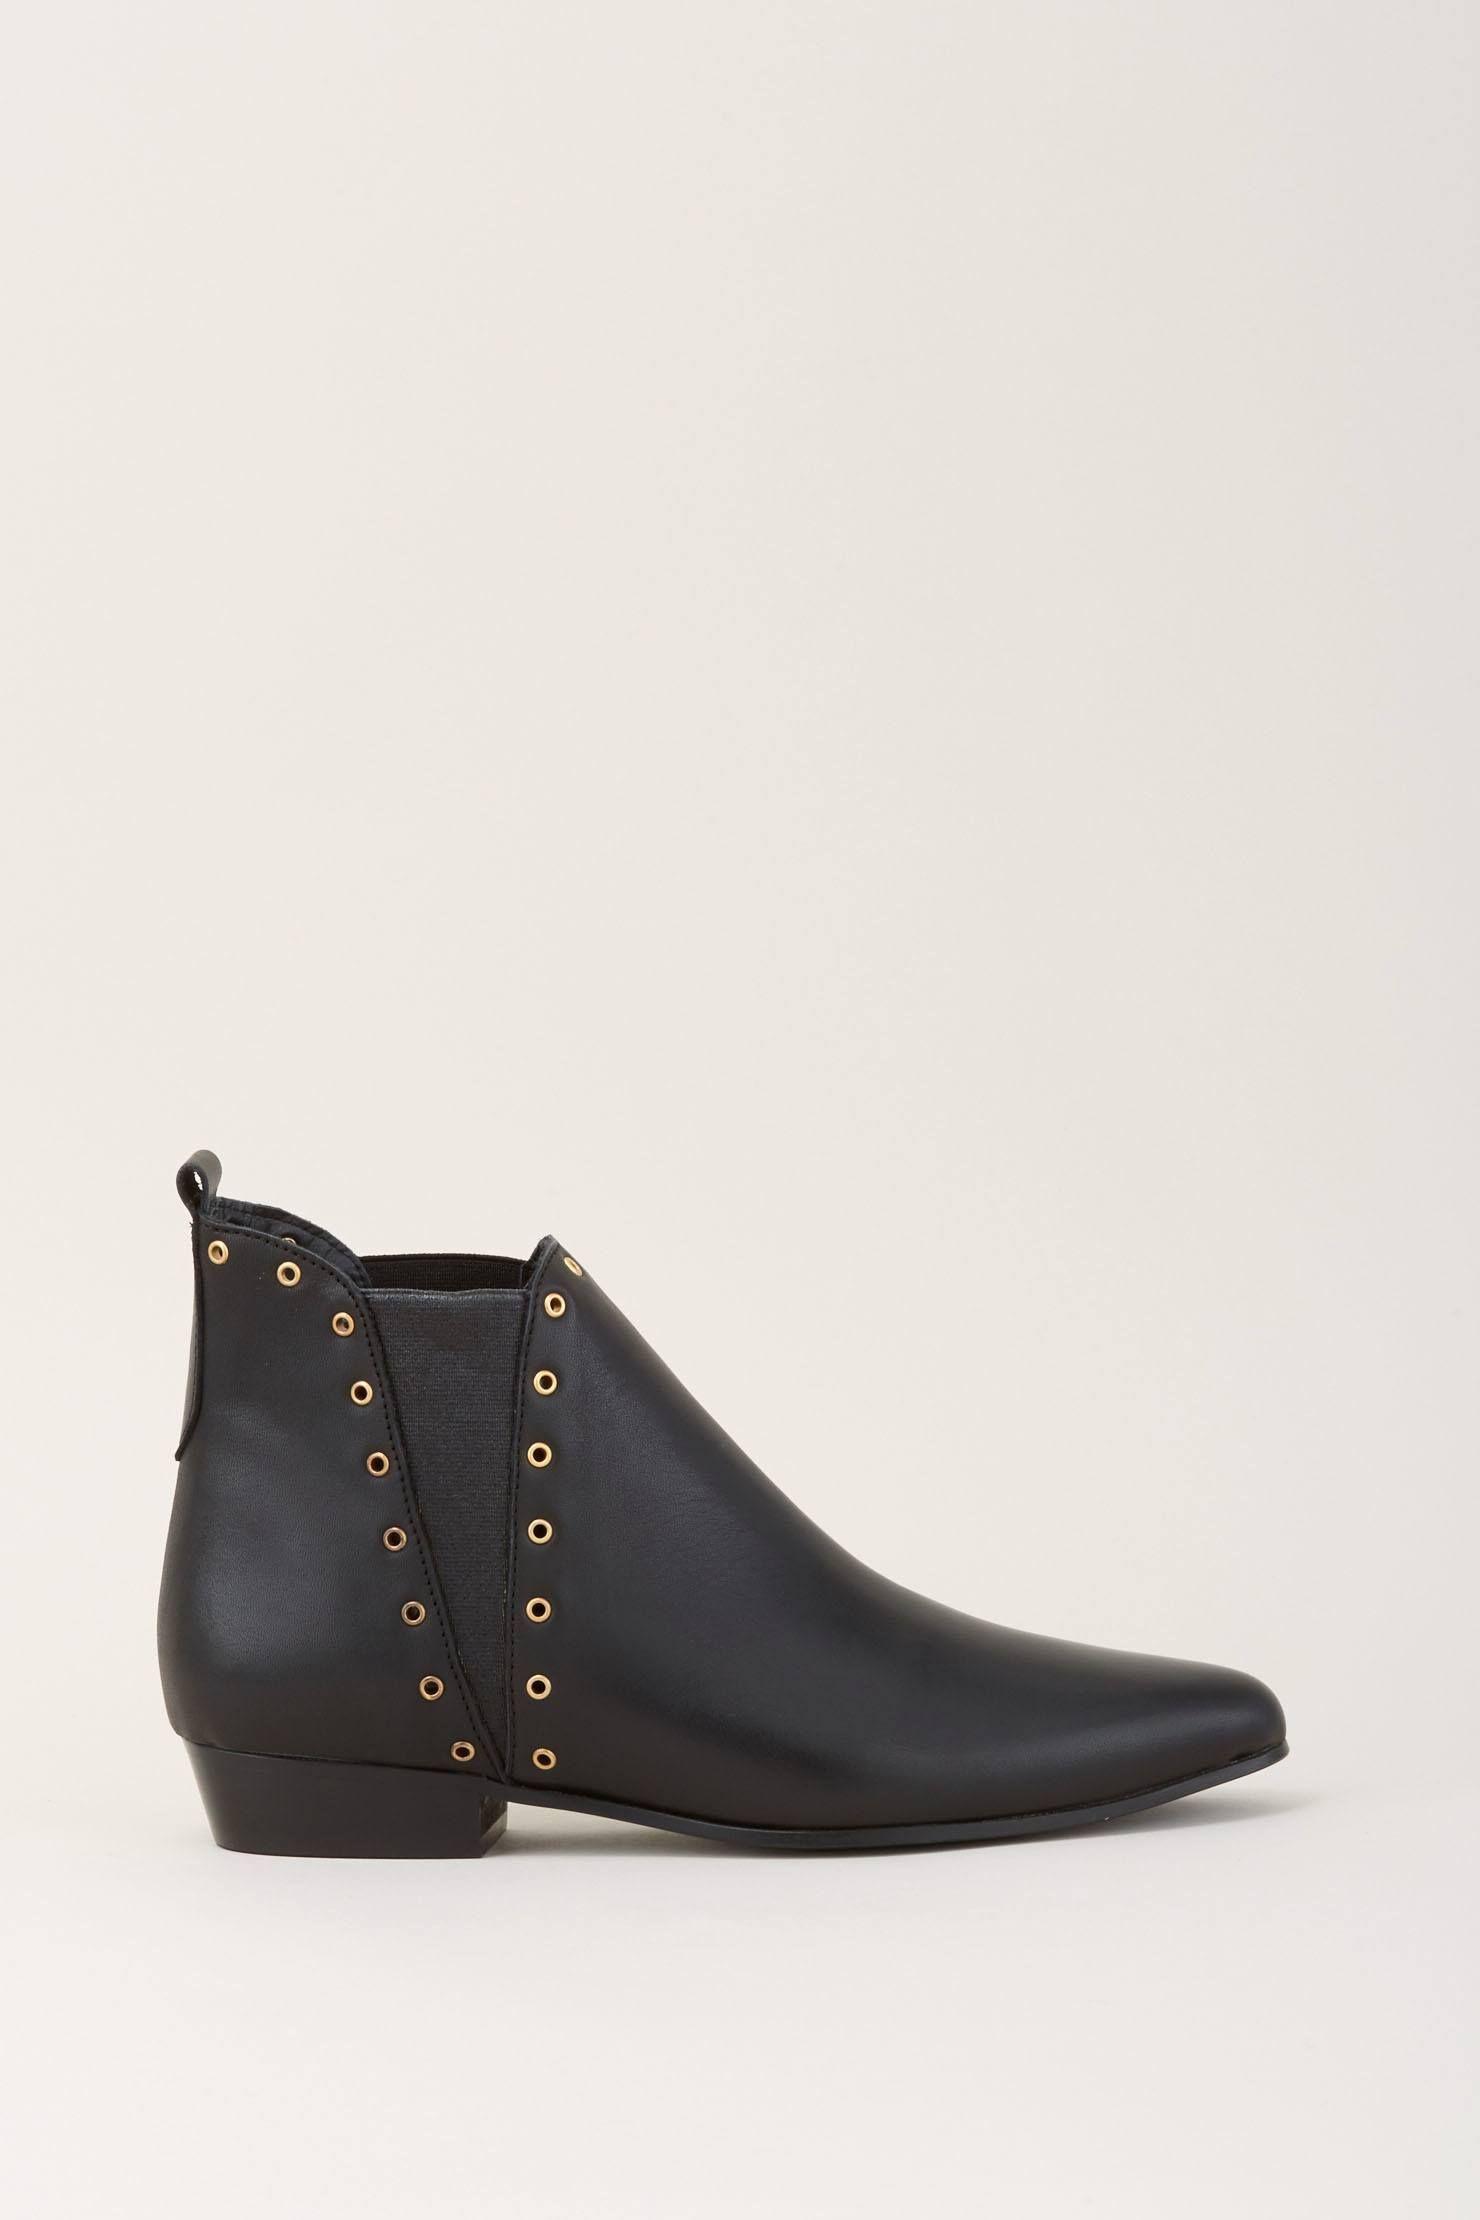 2c97796279d22 Boots en cuir noir avec élastiques argenté et rivets cloutés dorés zoom